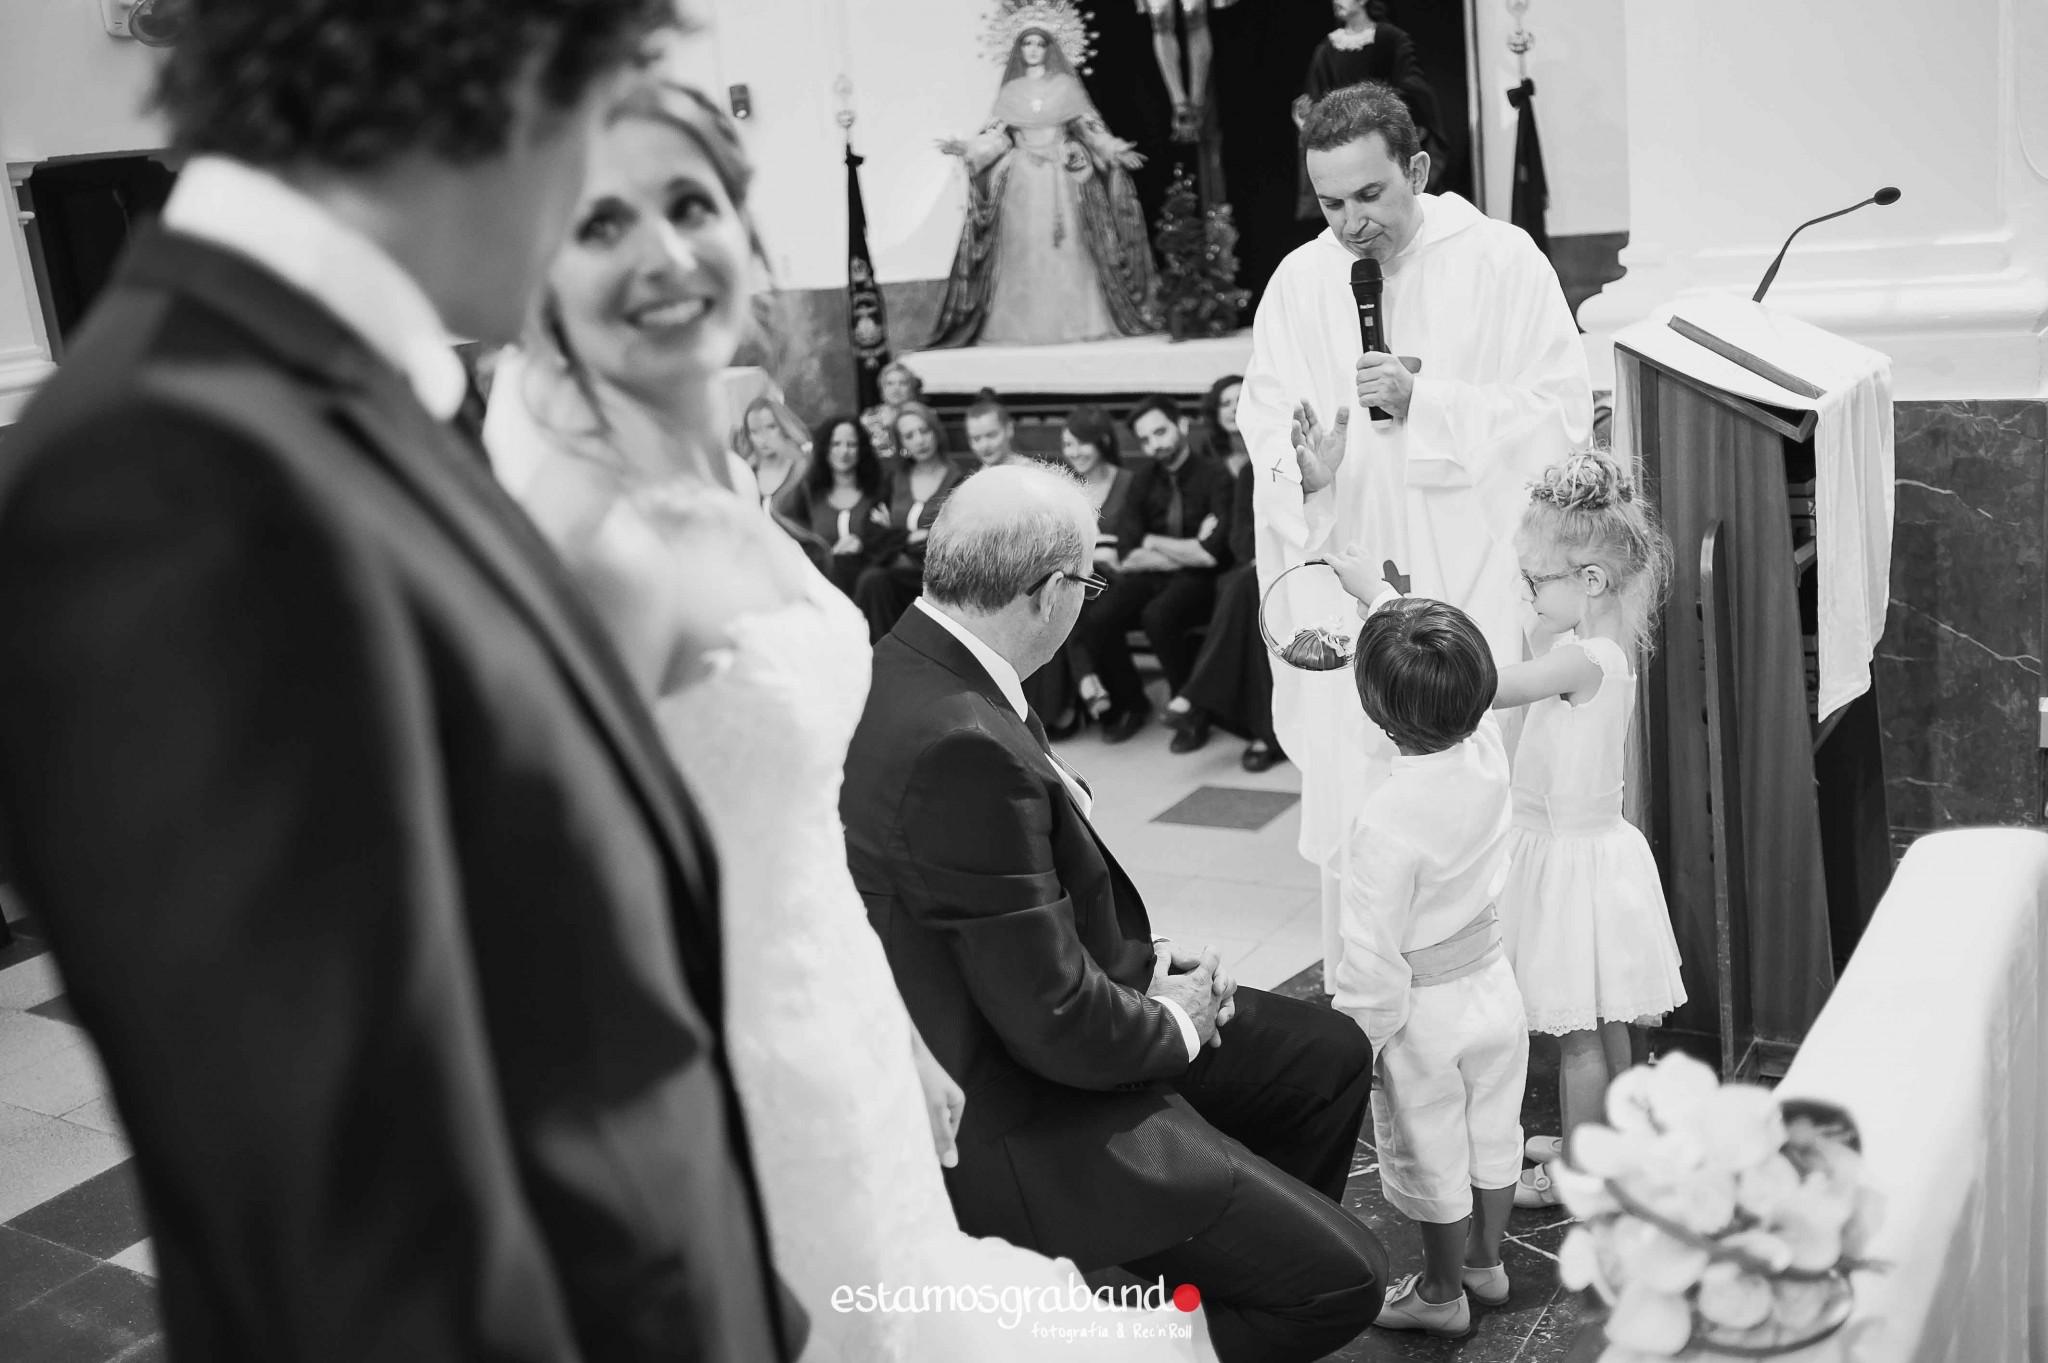 fotografia-de-boda_boda-en-cadiz_reportaje-de-fotos_boda-miriam-y-jesus-14 Emotions made in Cádiz [Fotografía de bodas en Cádiz] - video boda cadiz